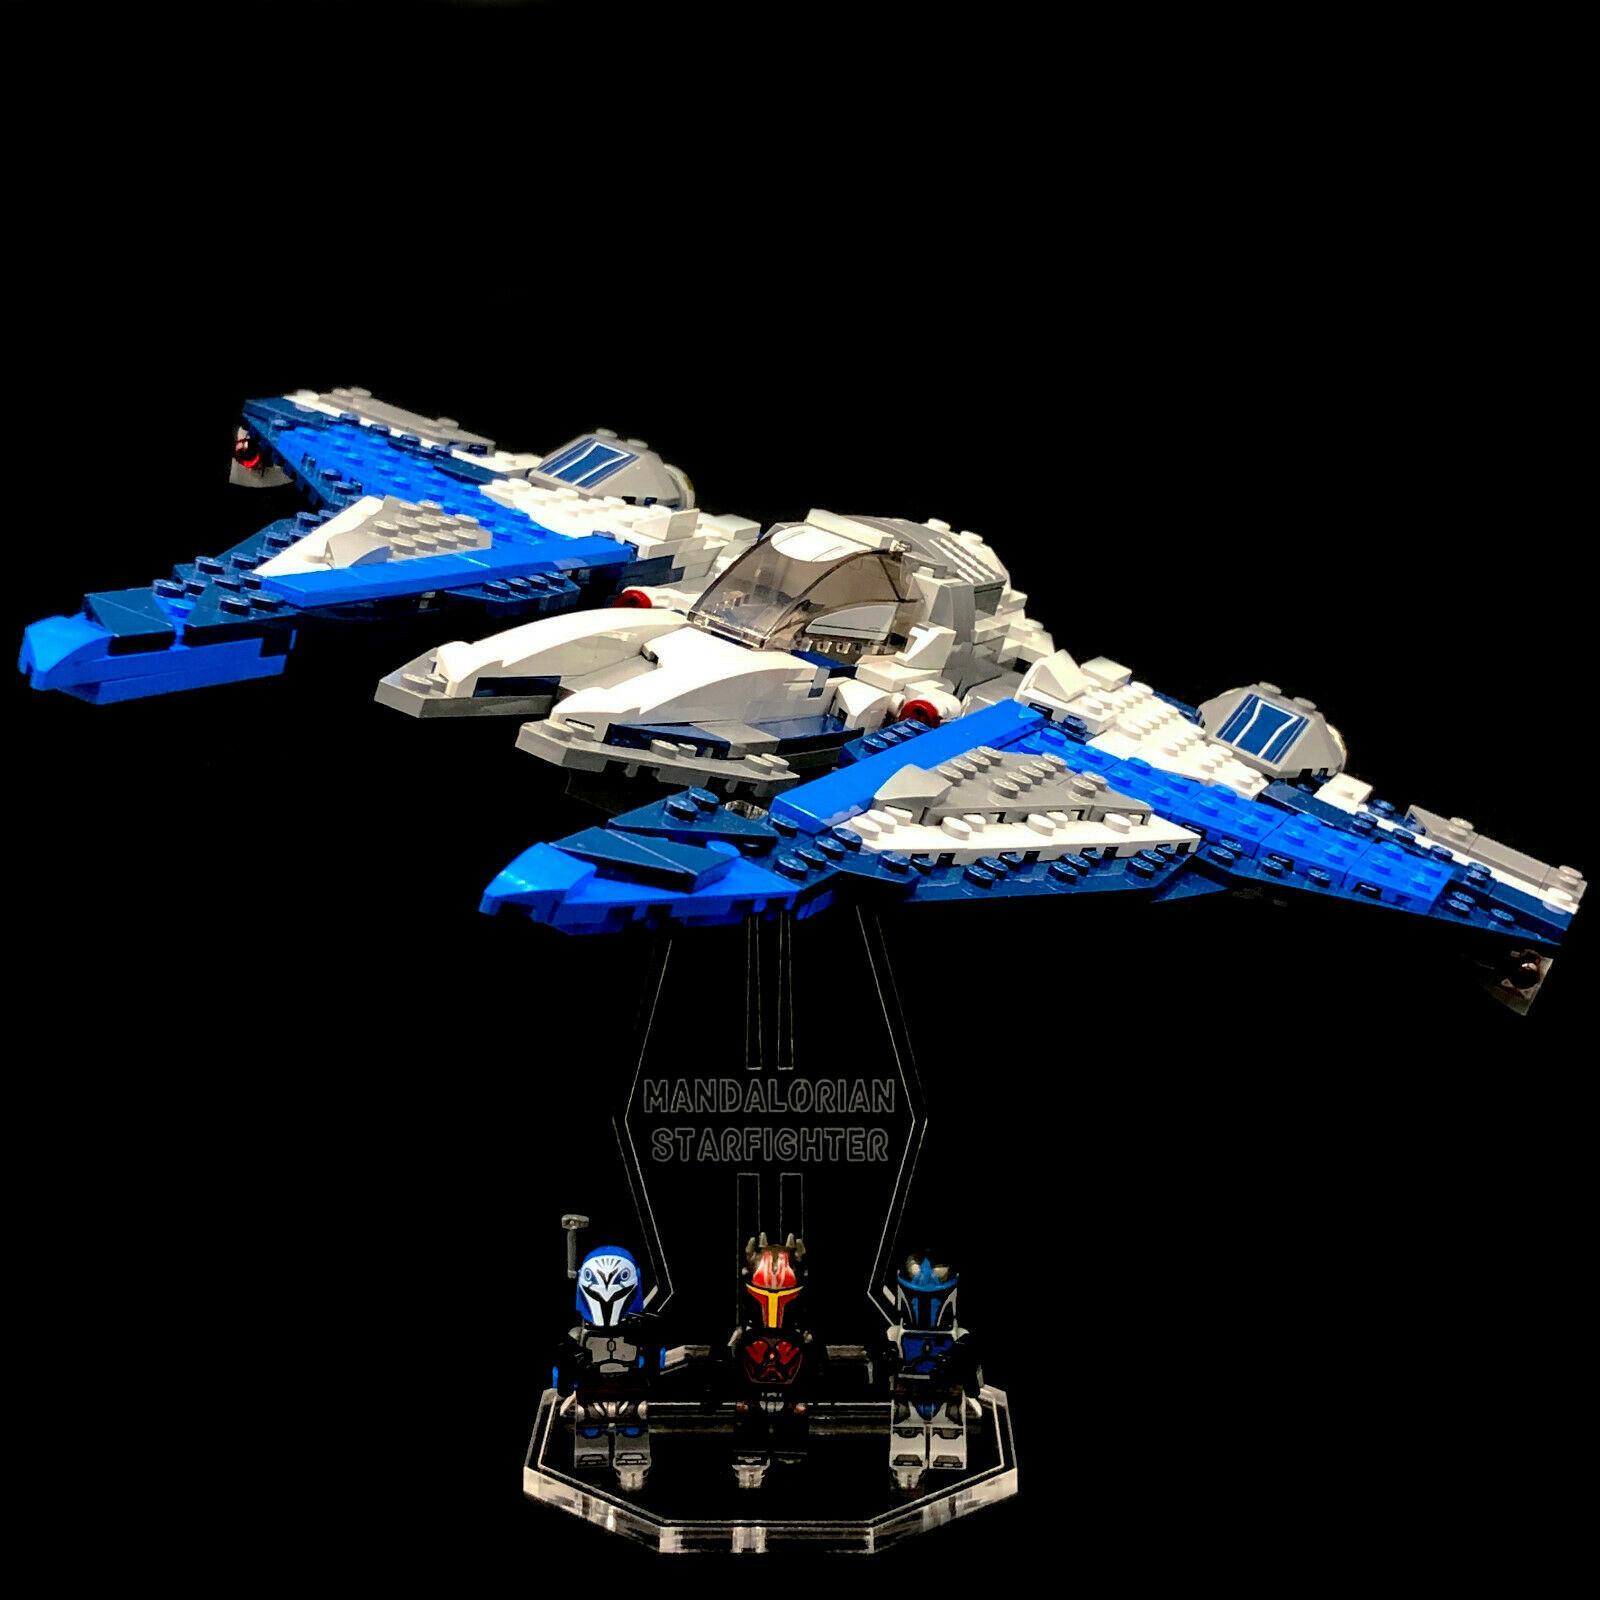 Acryl Deko Präsentation Standfuss LEGO Modell 75316 Mandalorian Starfighter